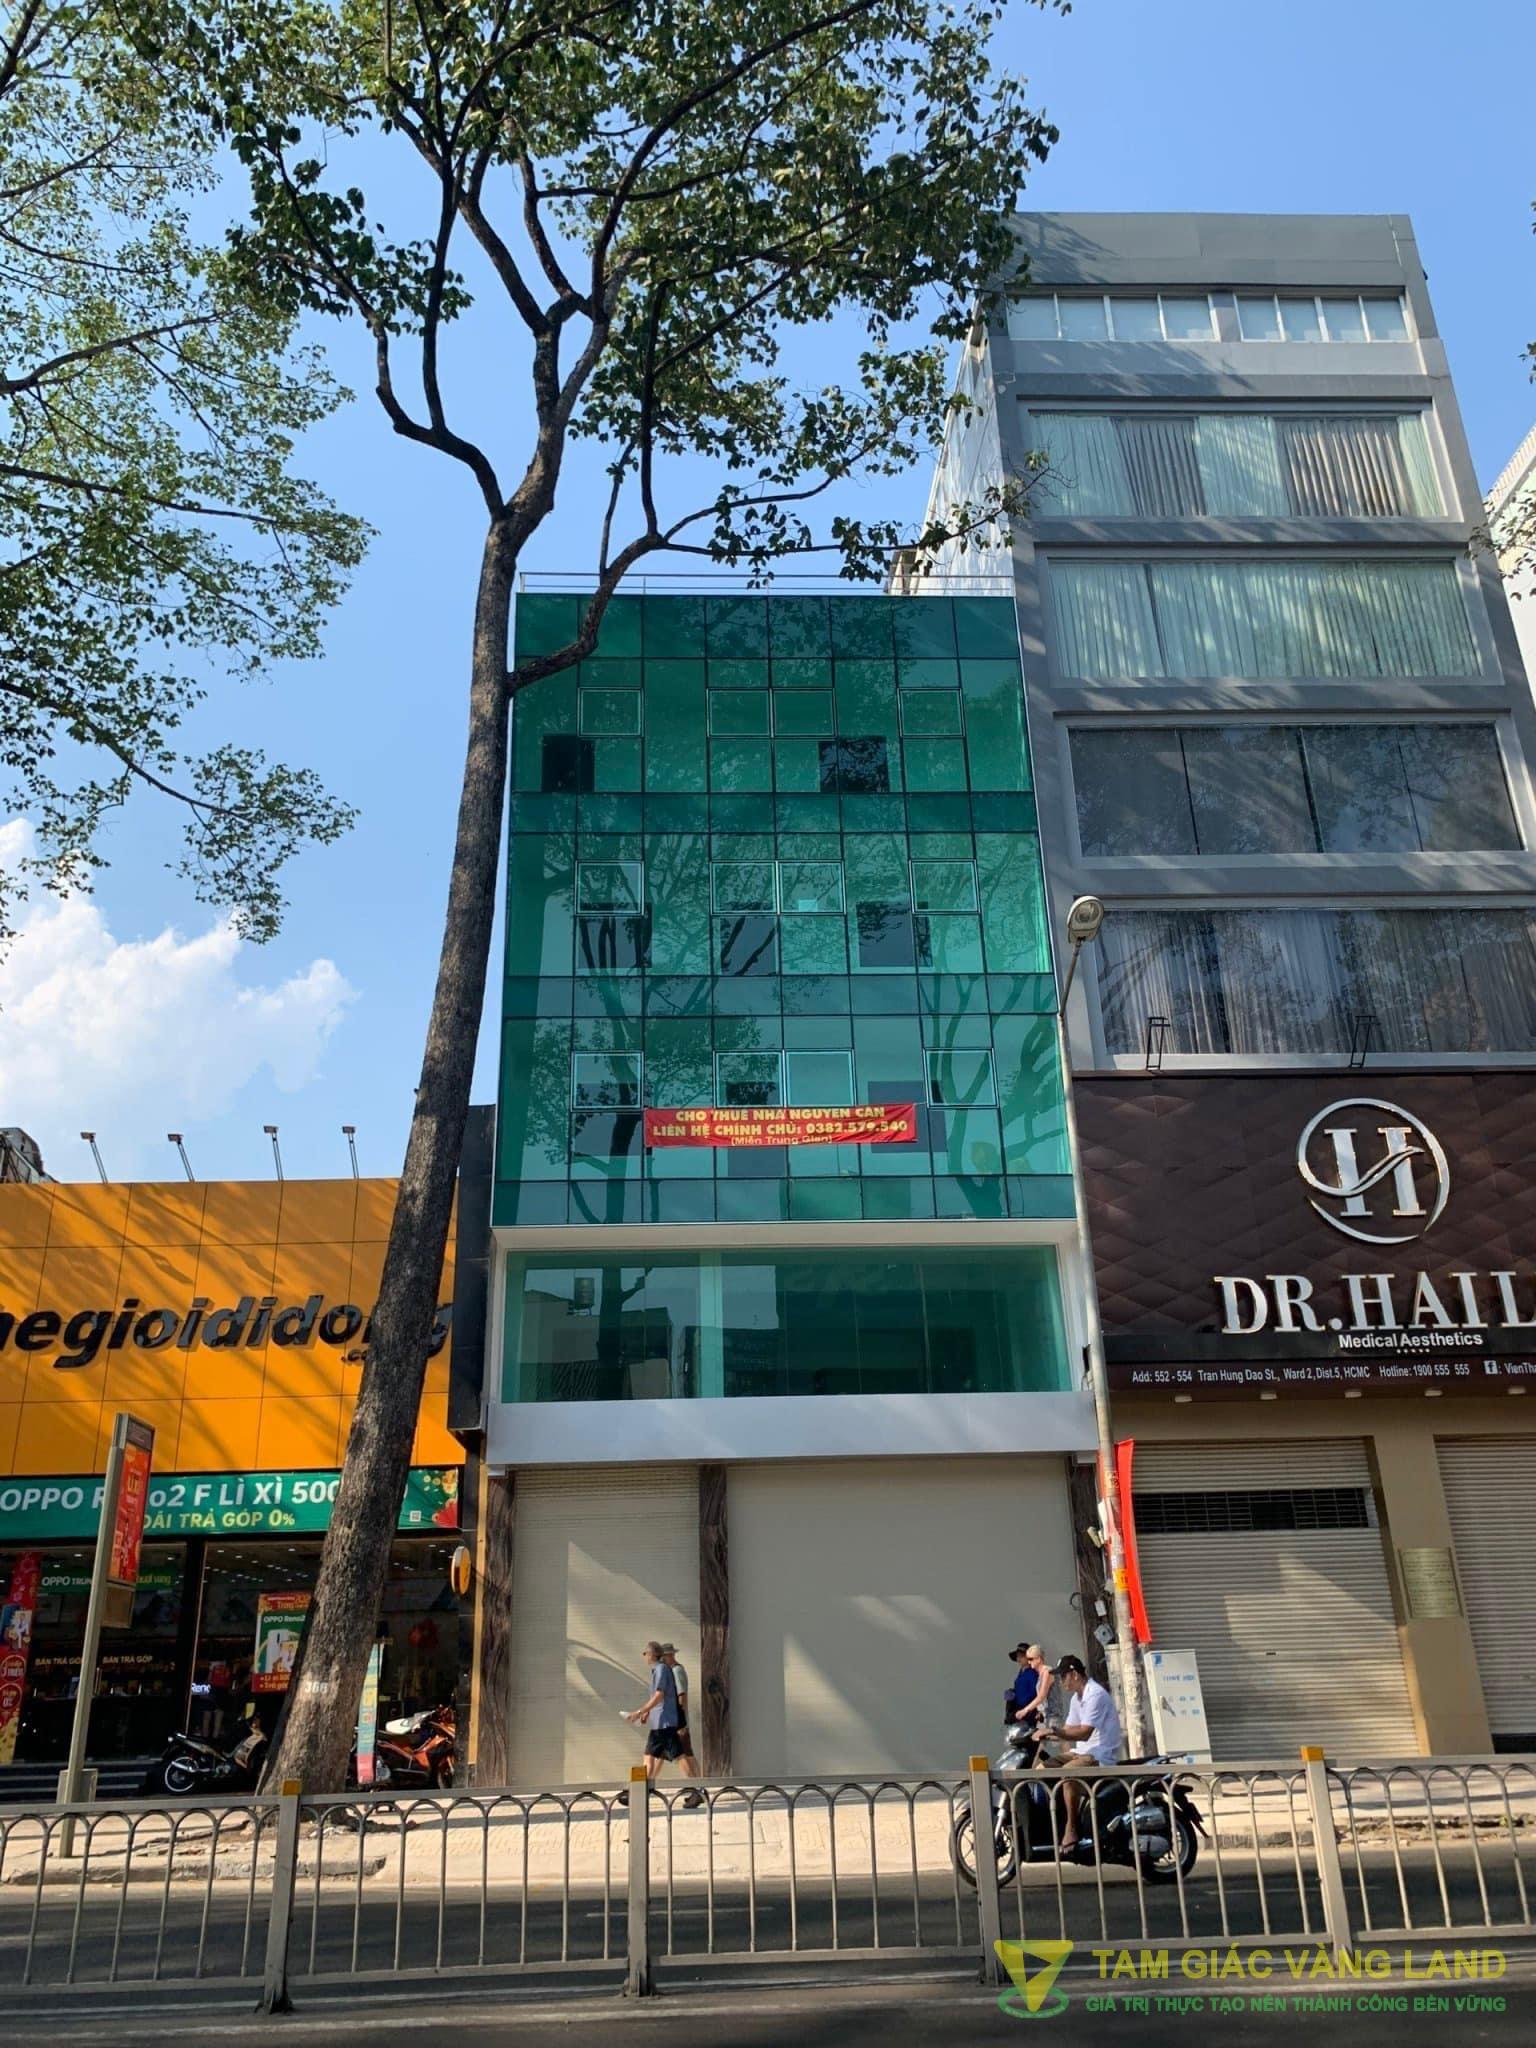 Cho thuê nhà mặt tiền đường Trần Hưng Đạo, Phường 2, Quận 5, DT 8.5x17.5m, 1 hầm 1 trệt 4 lầu, Giá 240 triệu/tháng